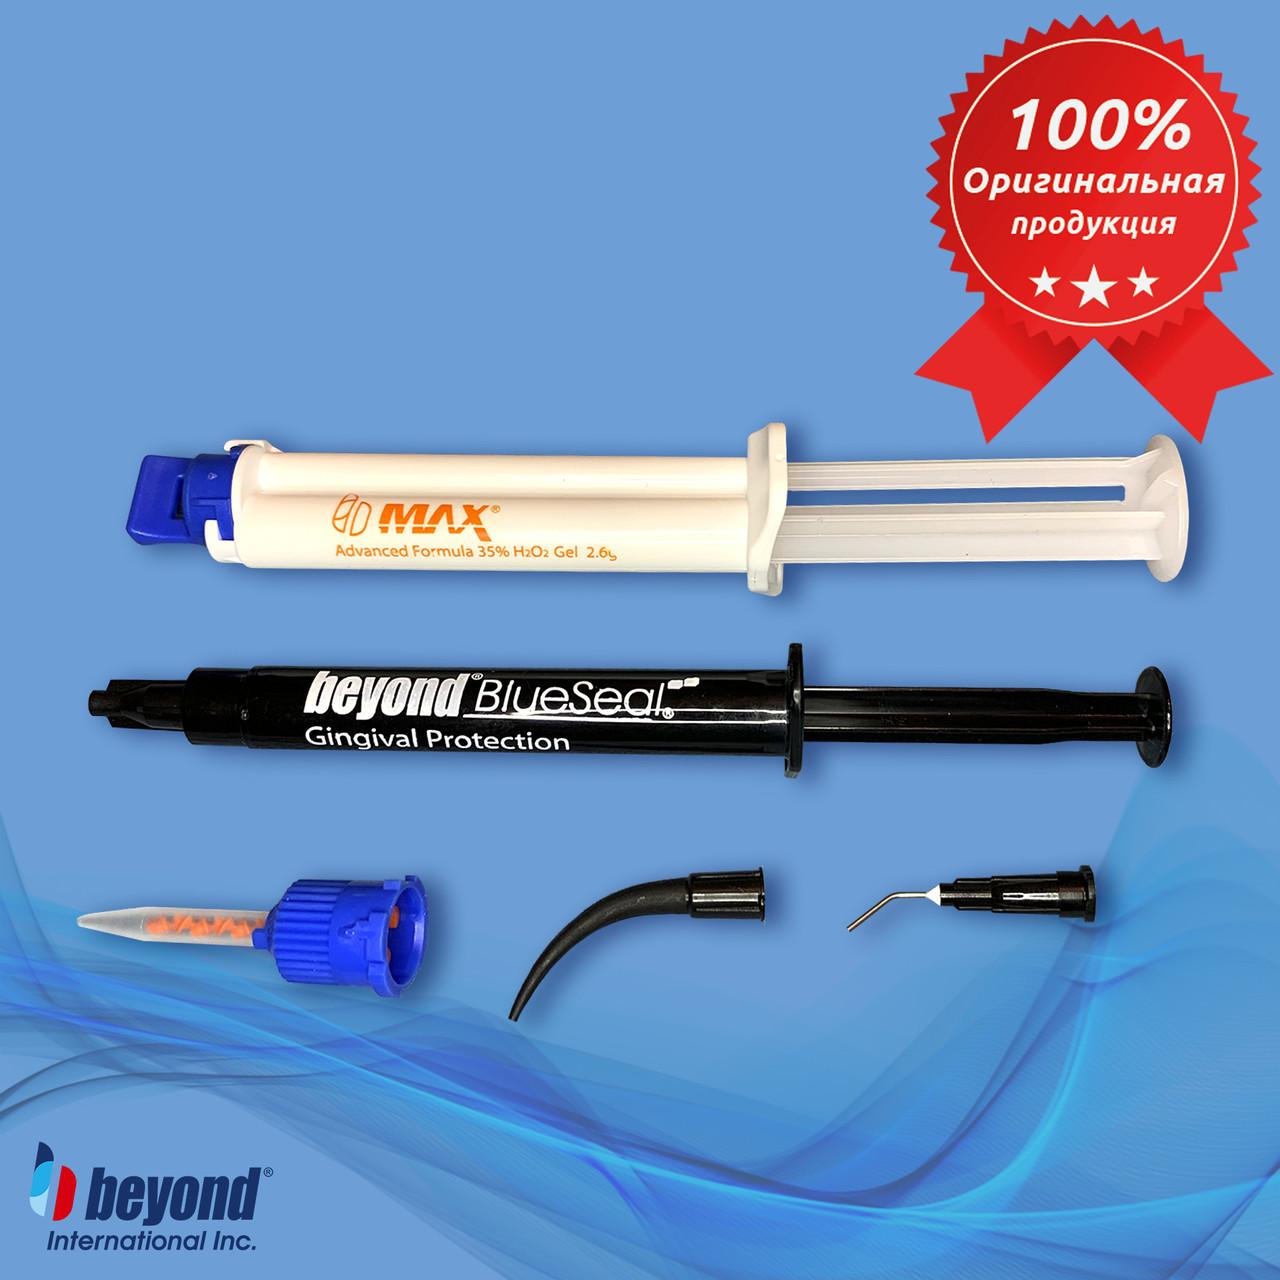 Beyond Max1 Гель для отбеливания зубов